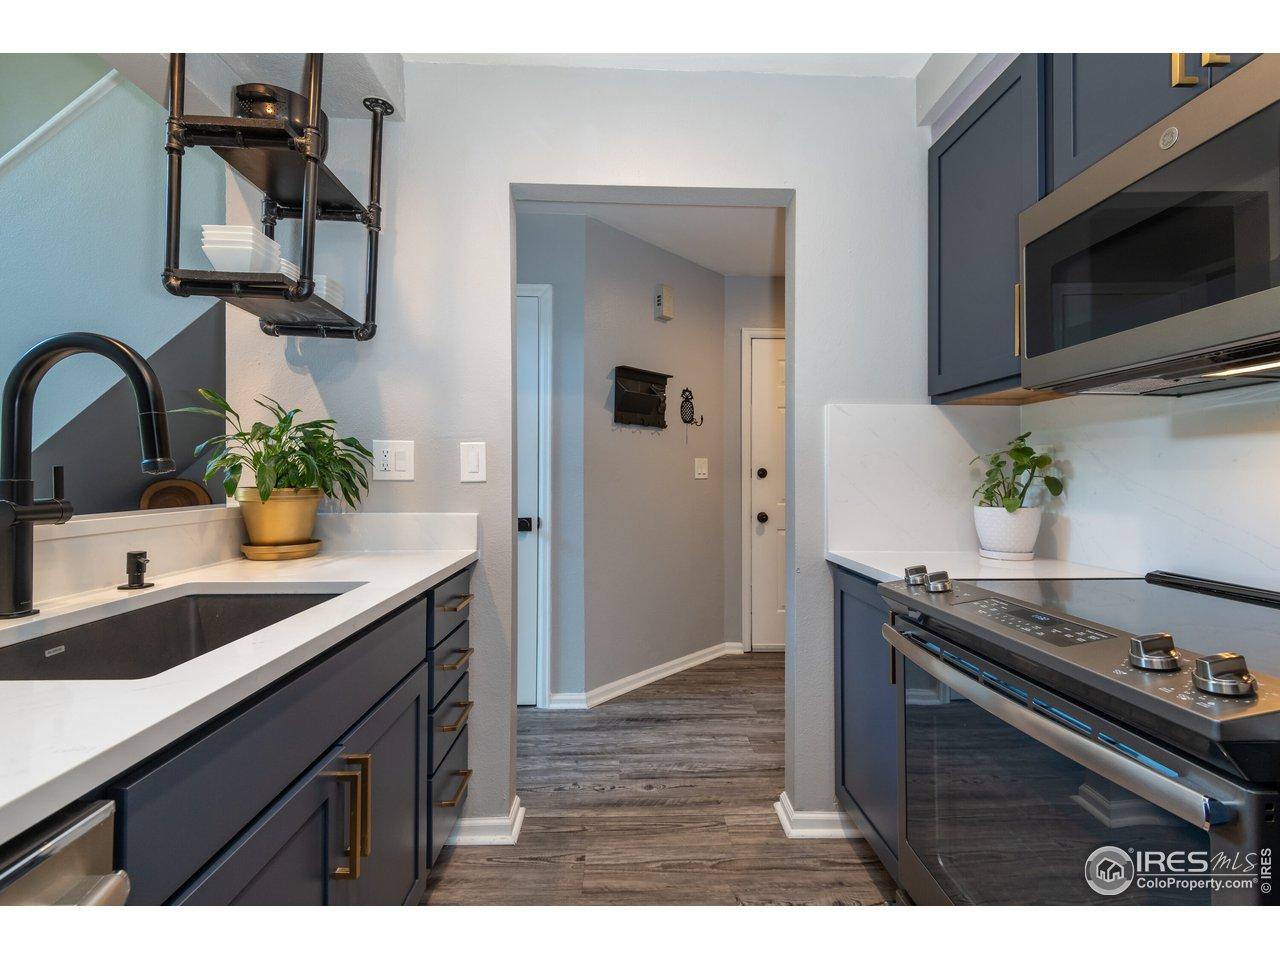 Fantastic, fully remodeled kitchen